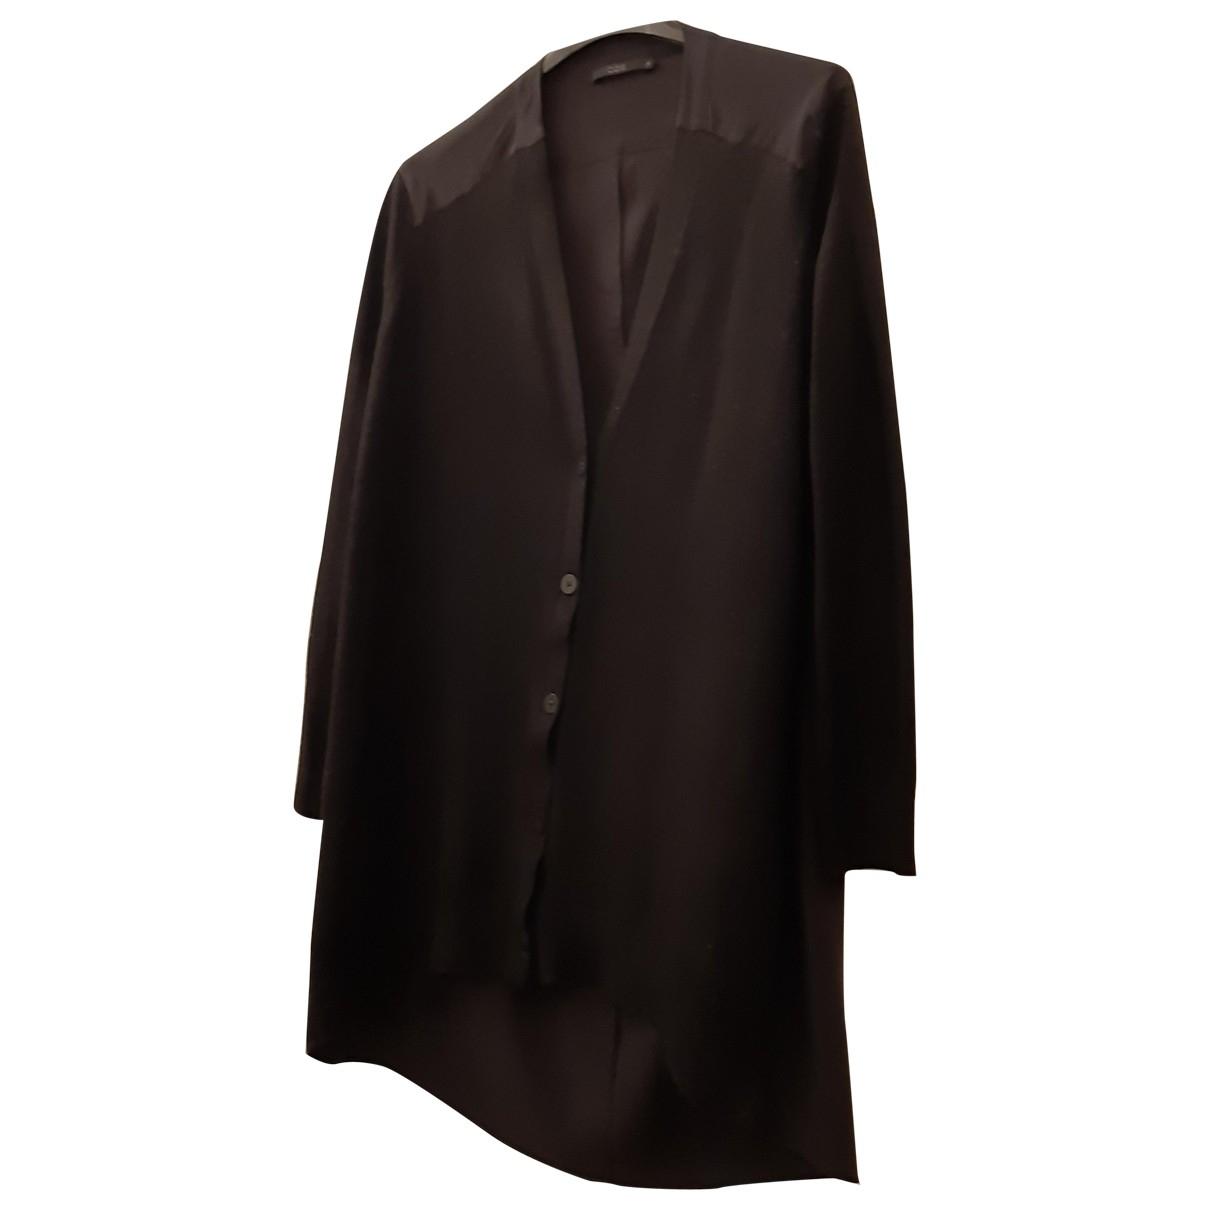 Cos \N Black Wool Knitwear for Women M International